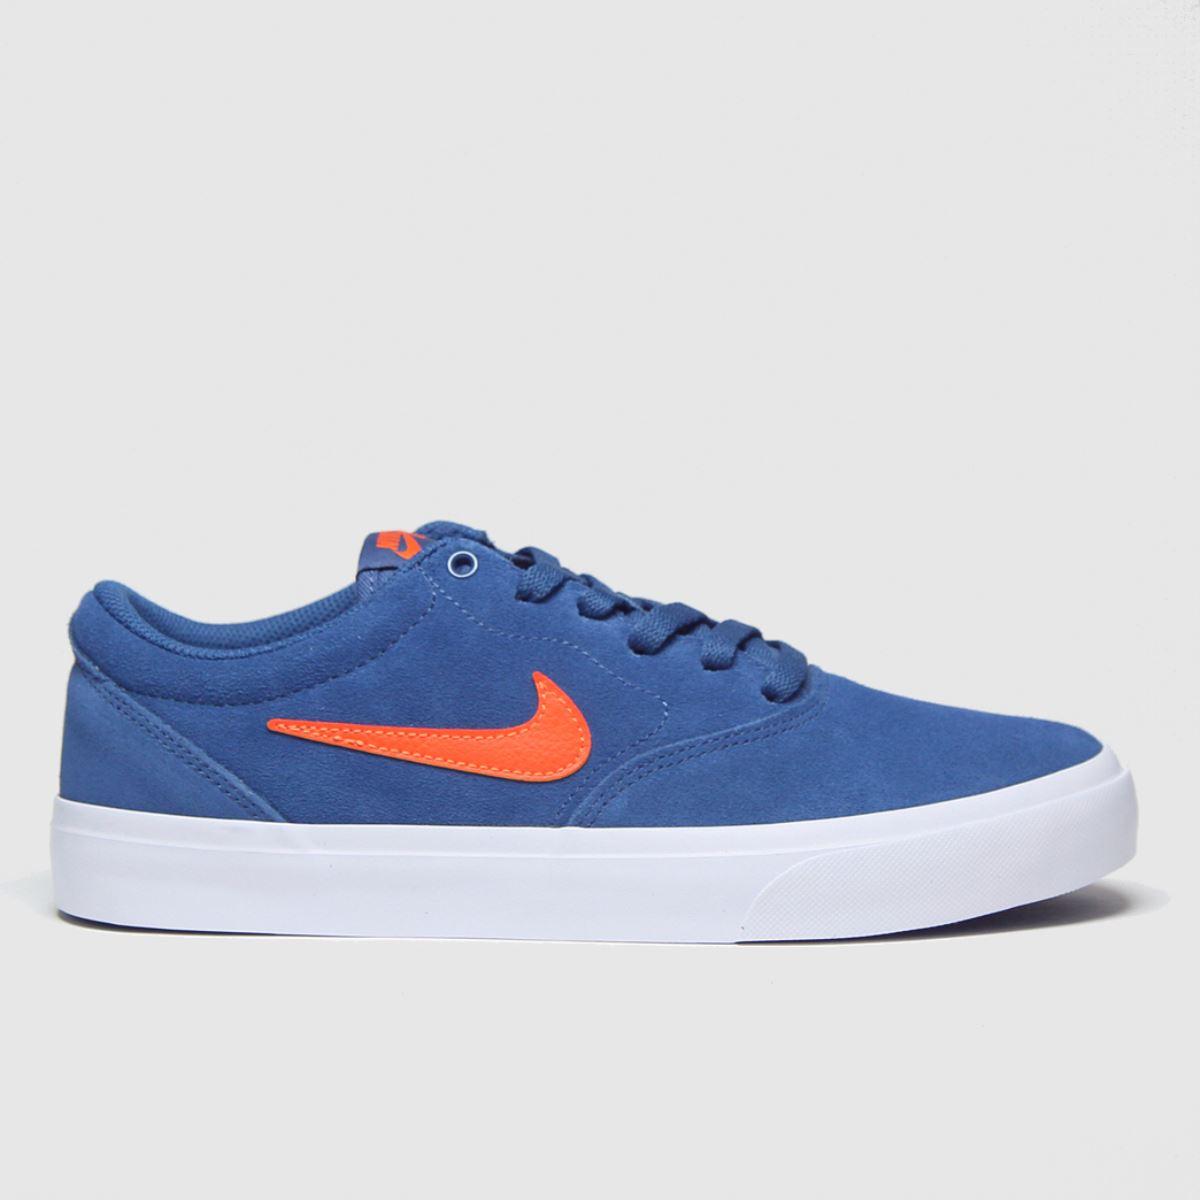 Nike SB Nike SB Blue Charge Trainers